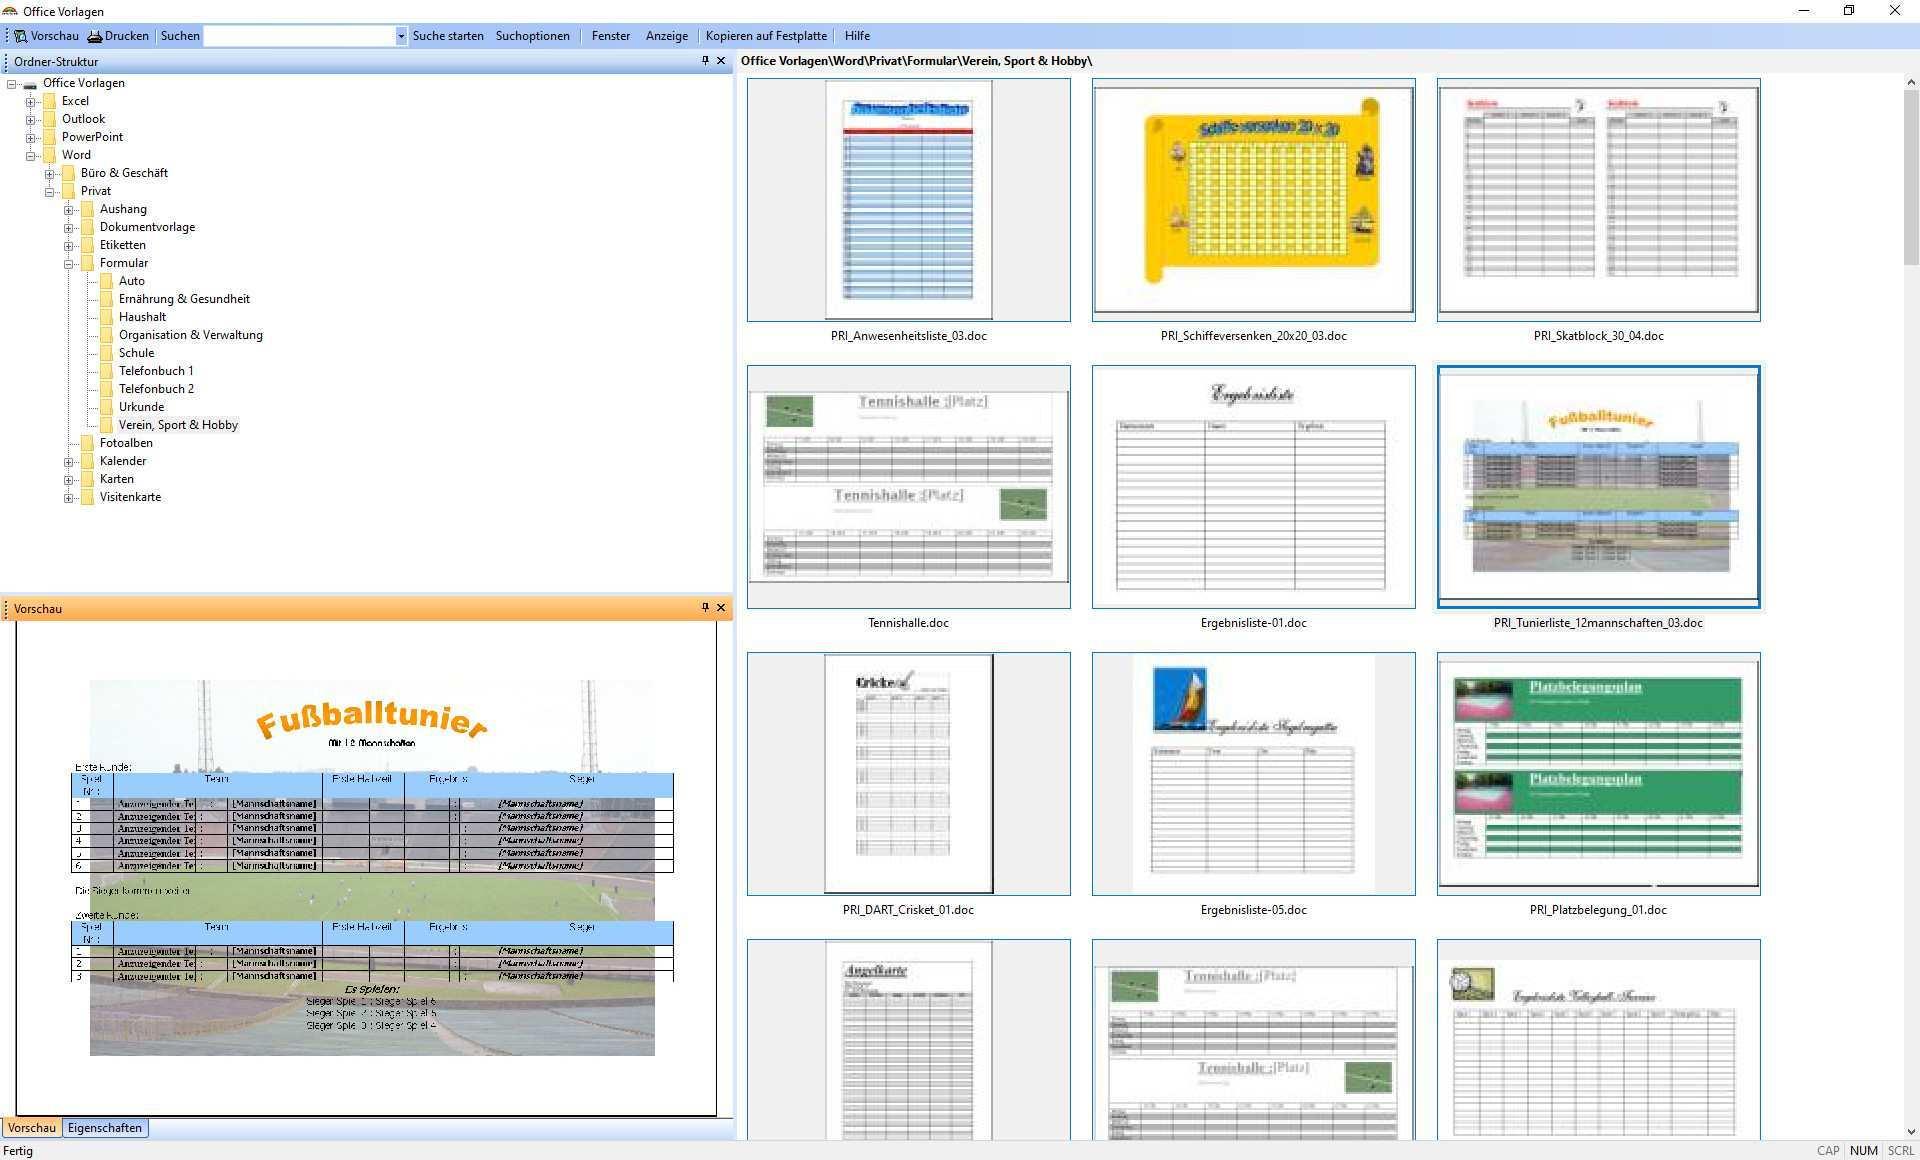 Office Vorlagen 2019 Kostenlose Vollversion Download Computer Bild